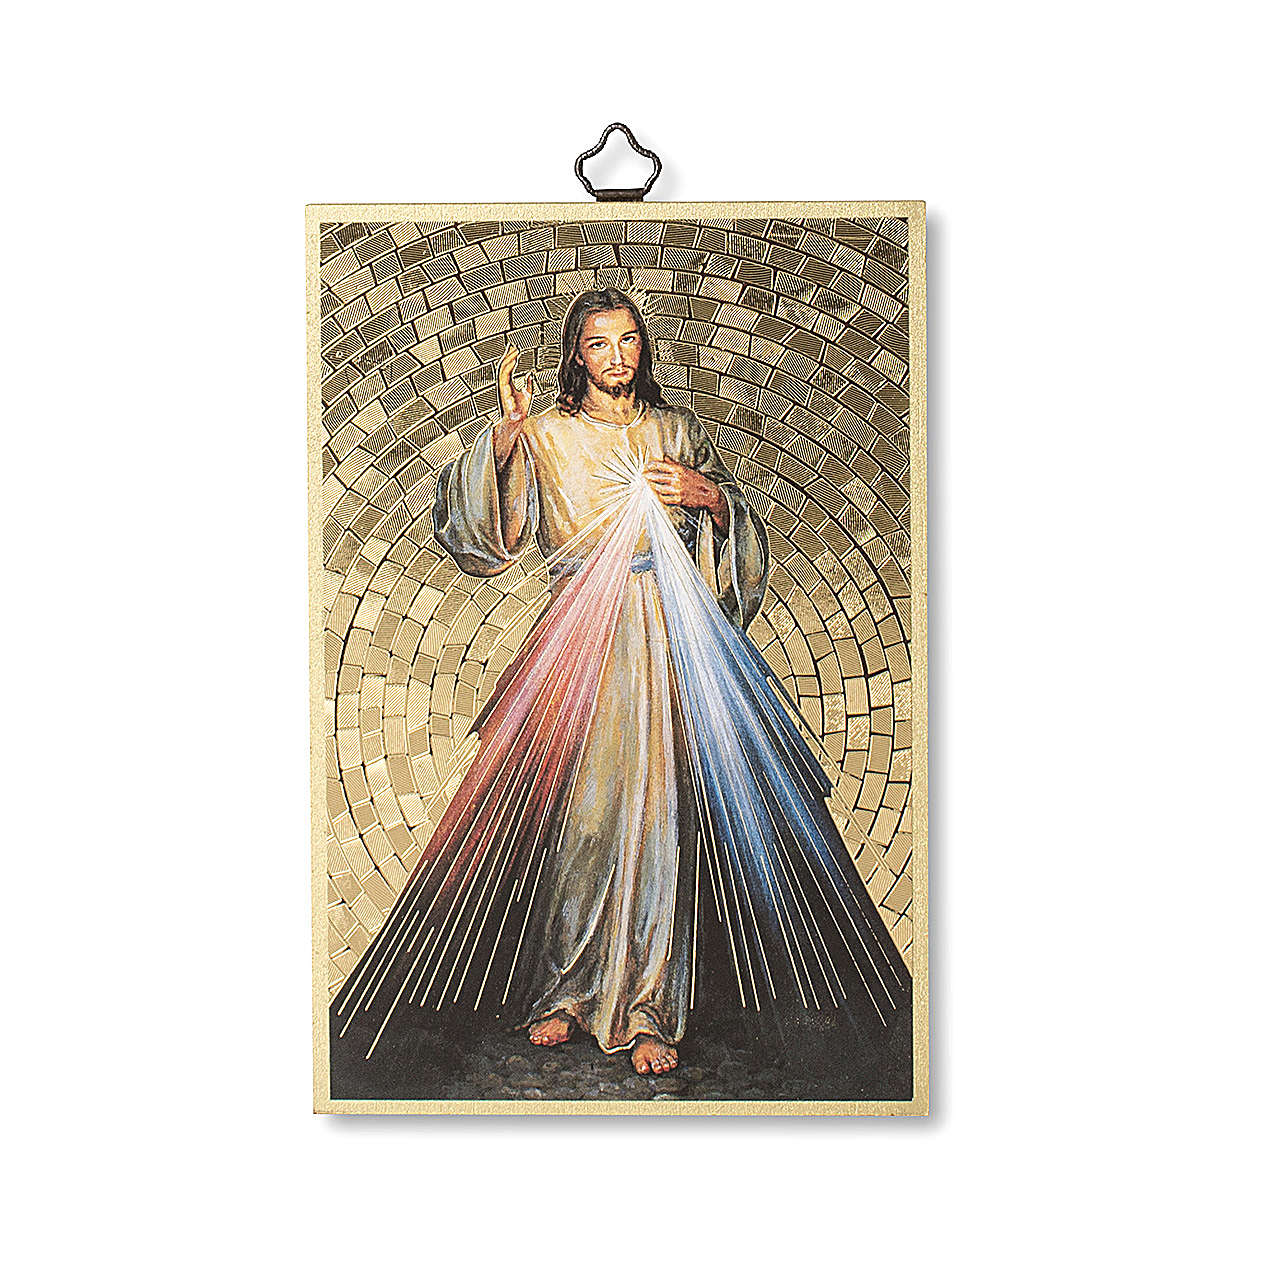 Impreso sobre madera Jesús Misericordioso Corona a la Divina Misericordia ITA 3